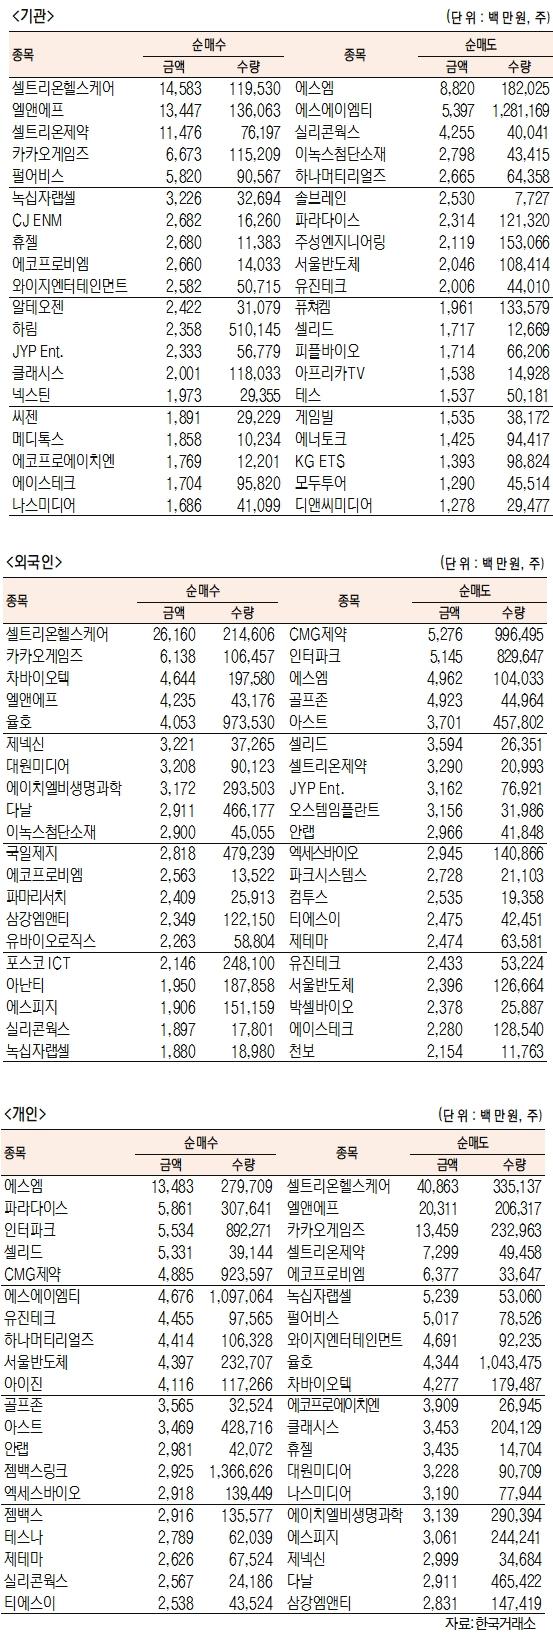 [표]코스닥 기관·외국인·개인 순매수·도 상위종목(6월 14일)